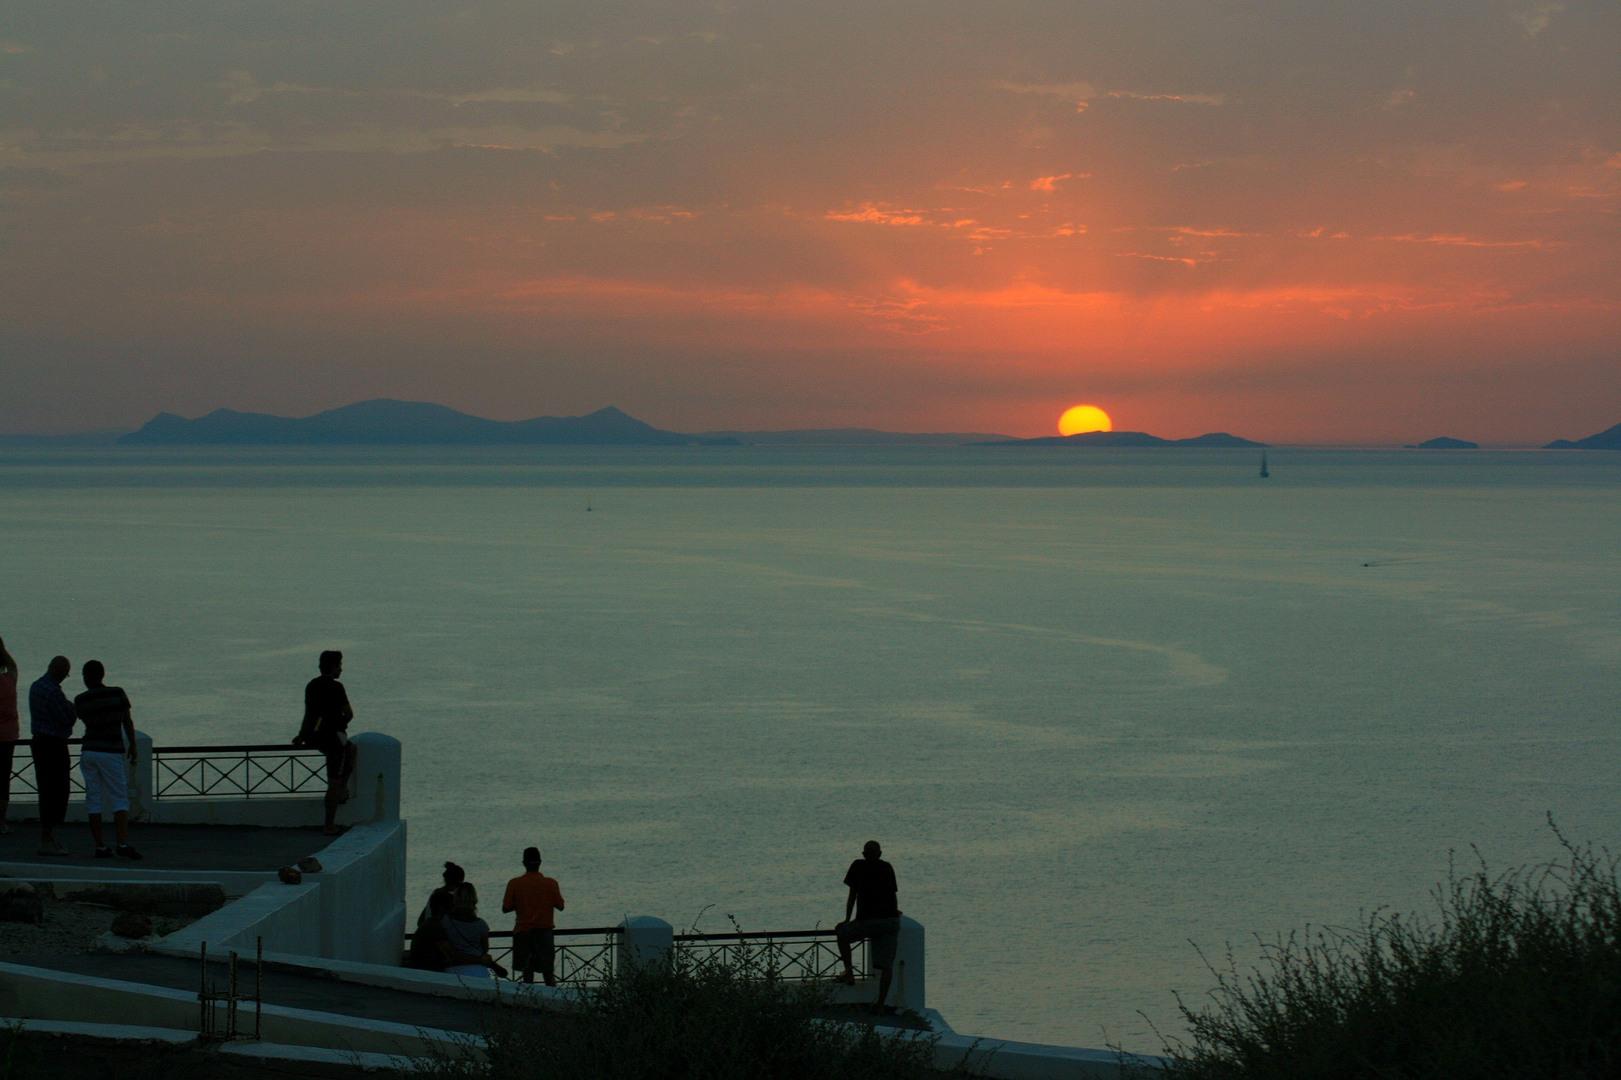 crowd watchon sunset